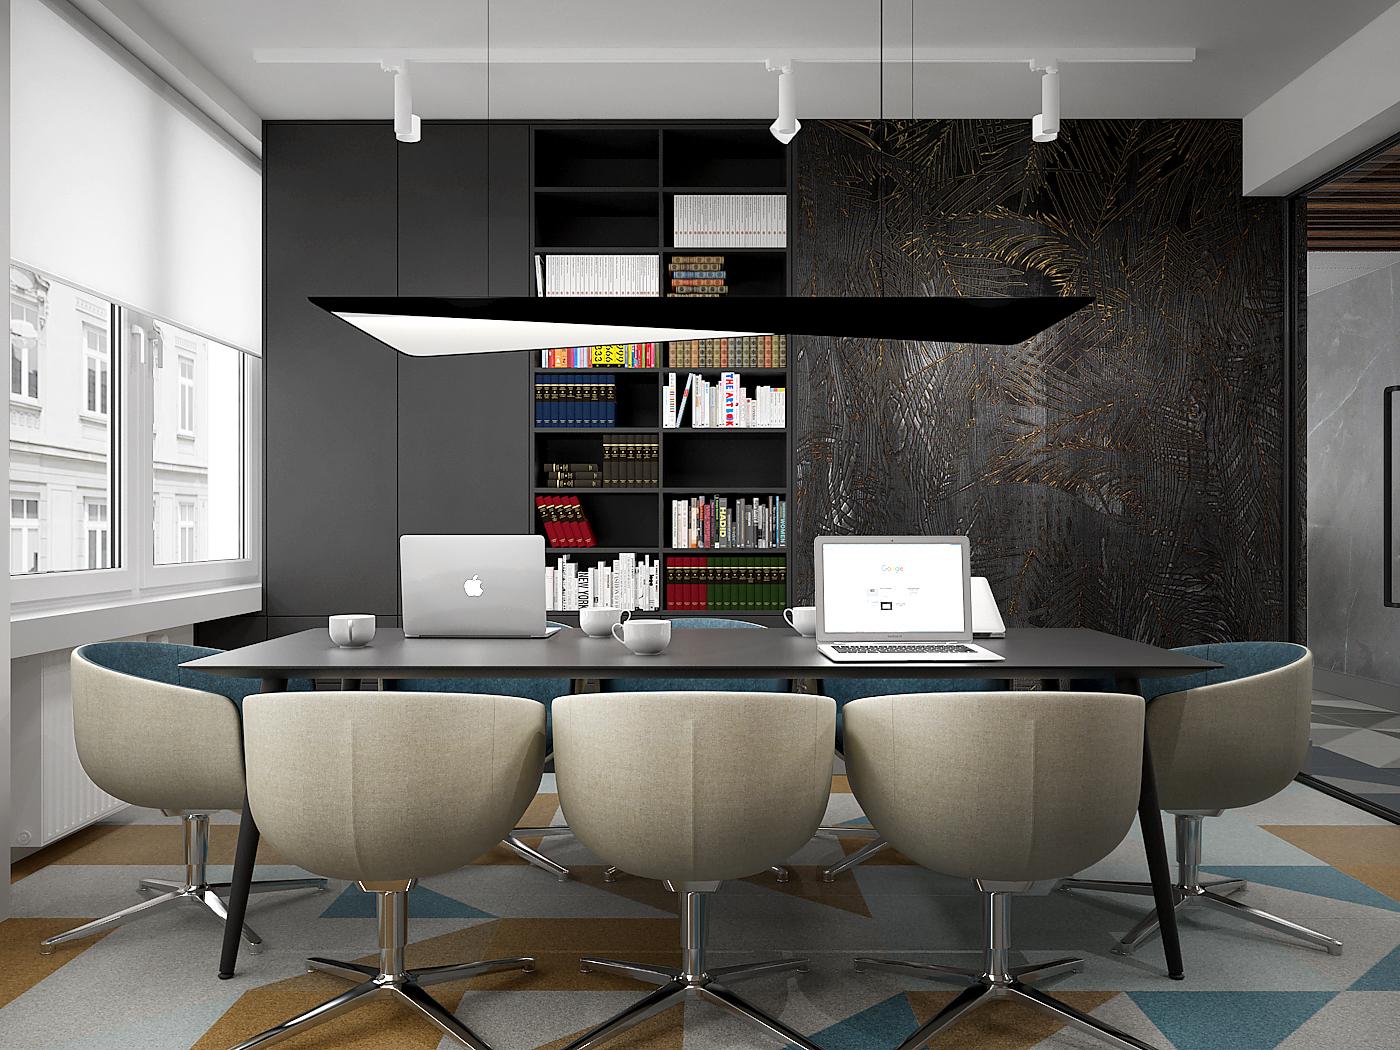 4 projekt biura B247 Kancelaria warszawa sala konferencyjna nowoczesny stol konferencyjny tapicerowane fotele czarna tapeta z motywem lisci wykladzina obiektowa